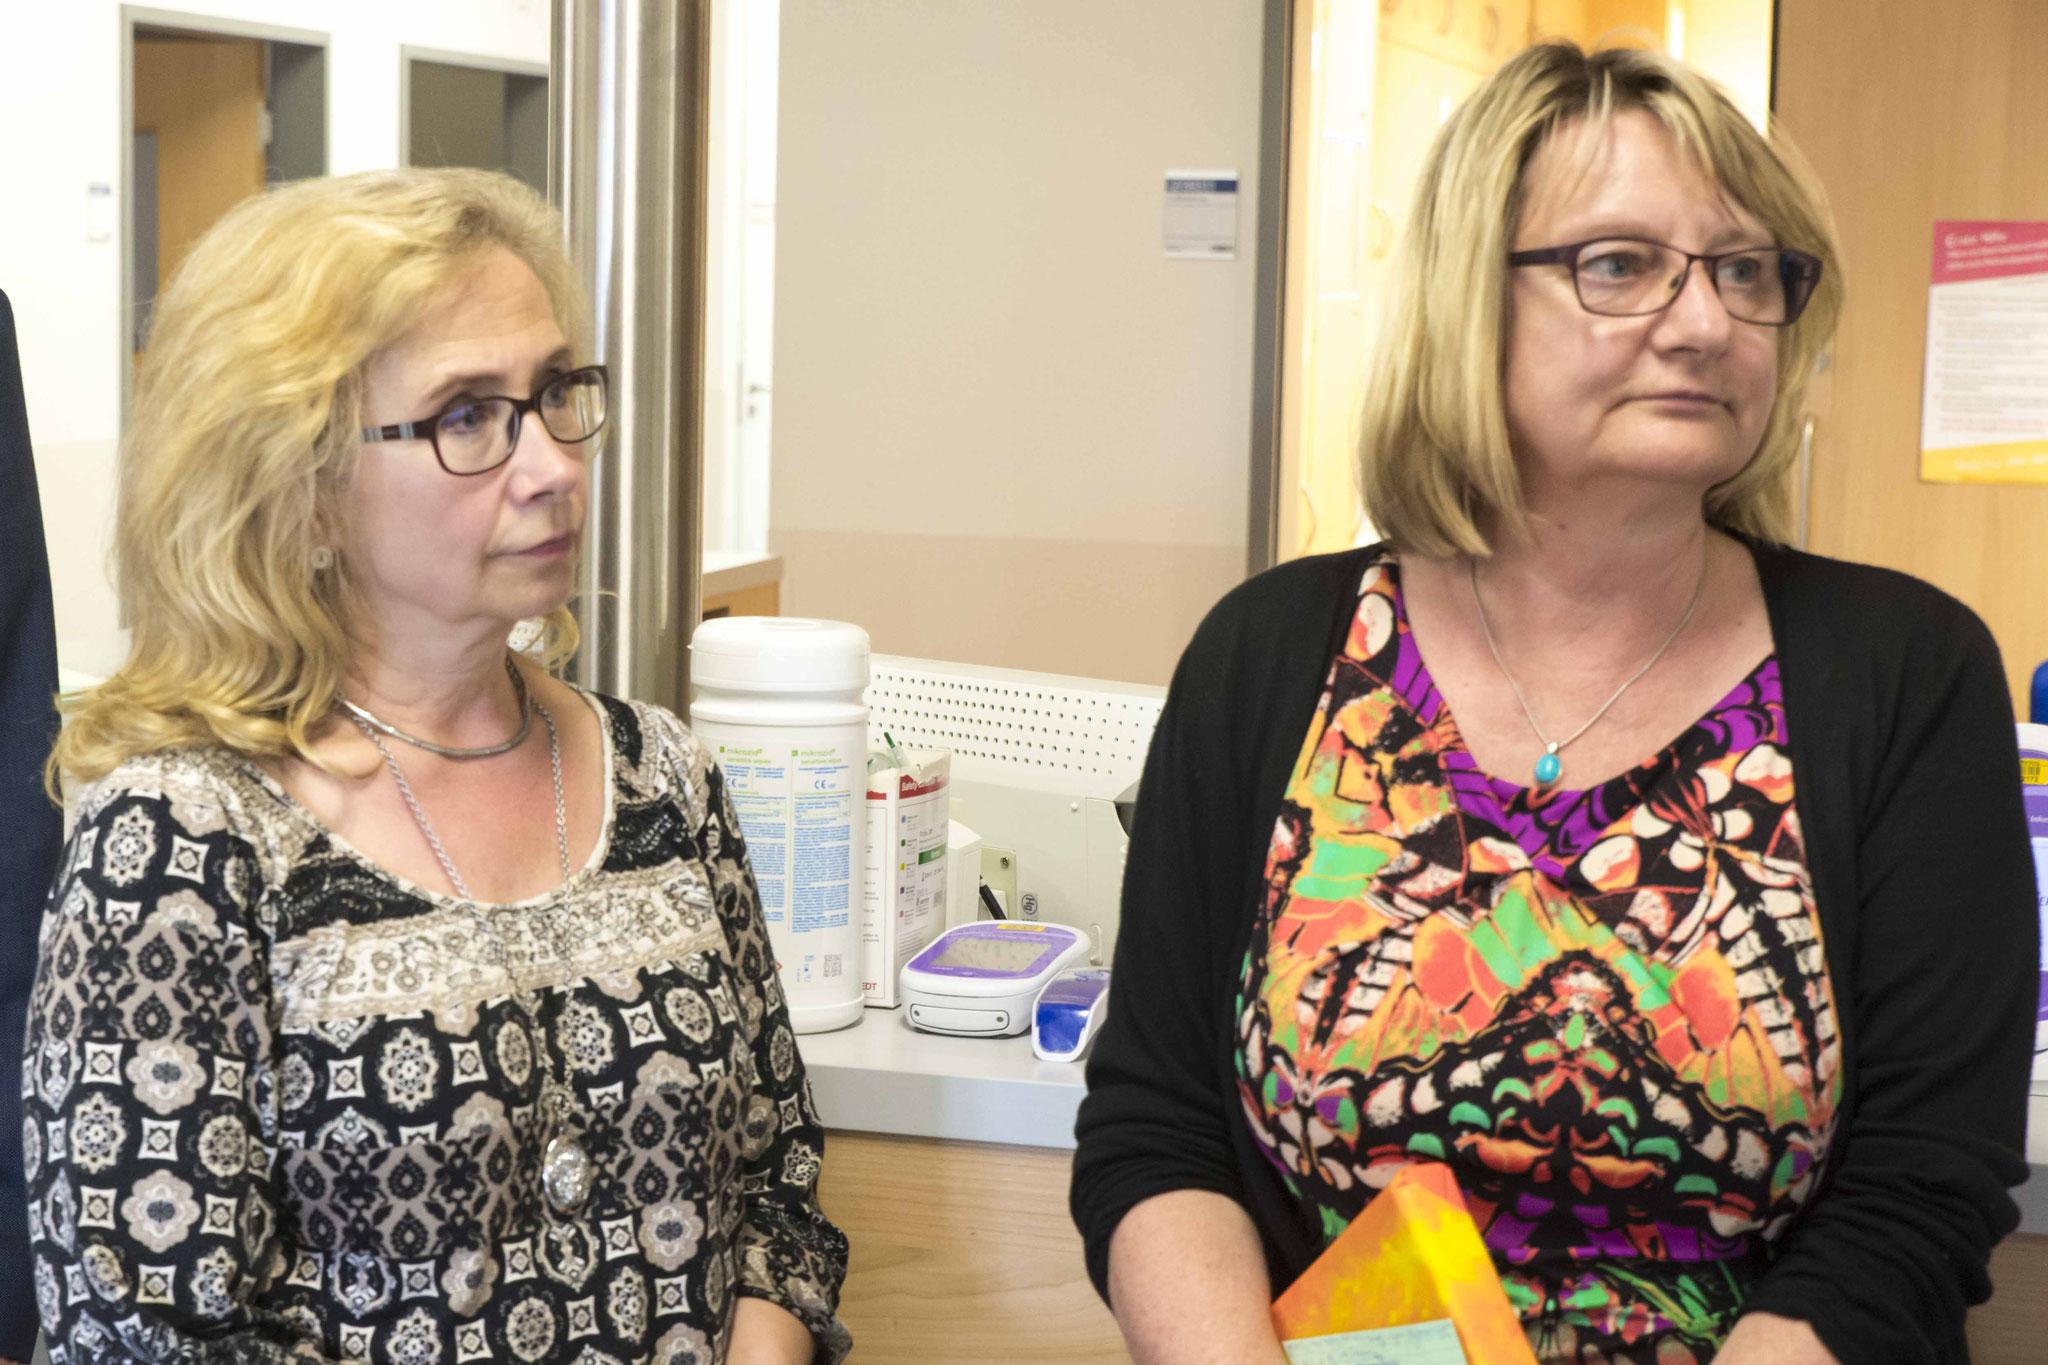 Pfarrerin Marion Kohl und Bettina Nieth (Lehrerin für Pflegeberufe und Betriebsrätin)